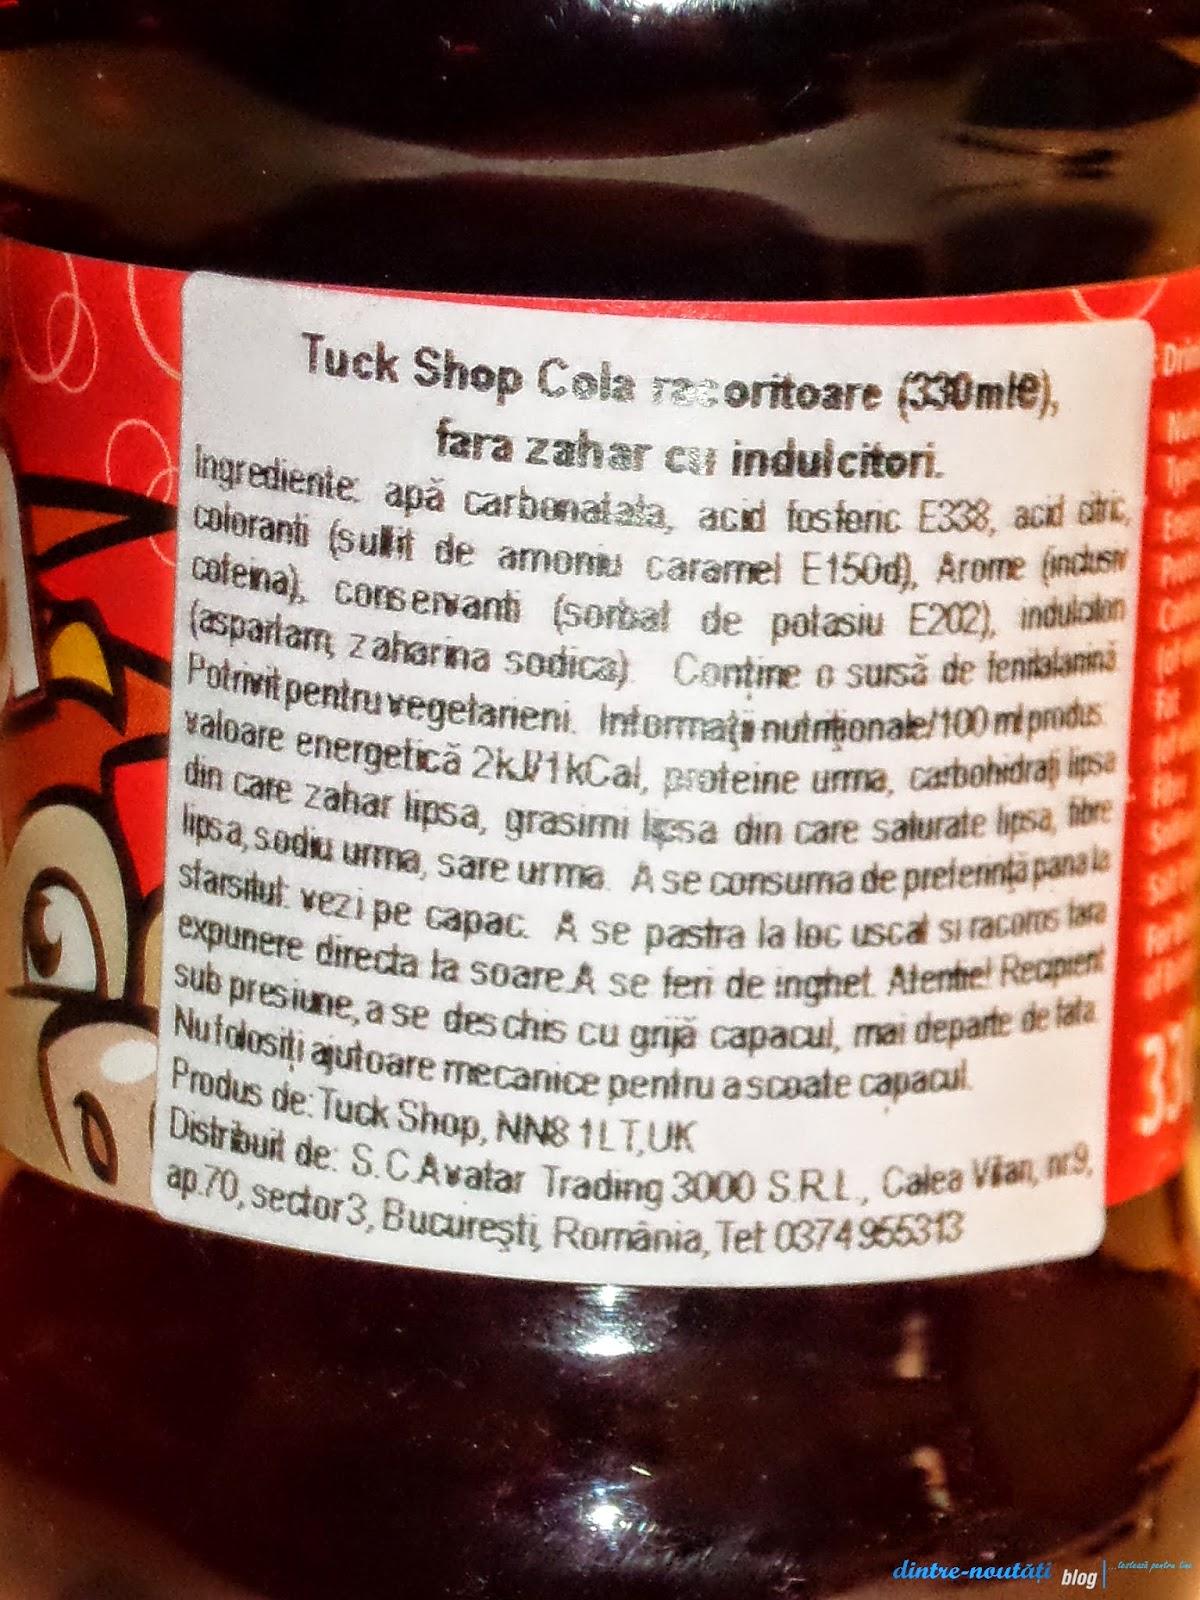 TRUCK SHOP - gama de sucuri carbogazoase pentru vegetarieni și copii din UK